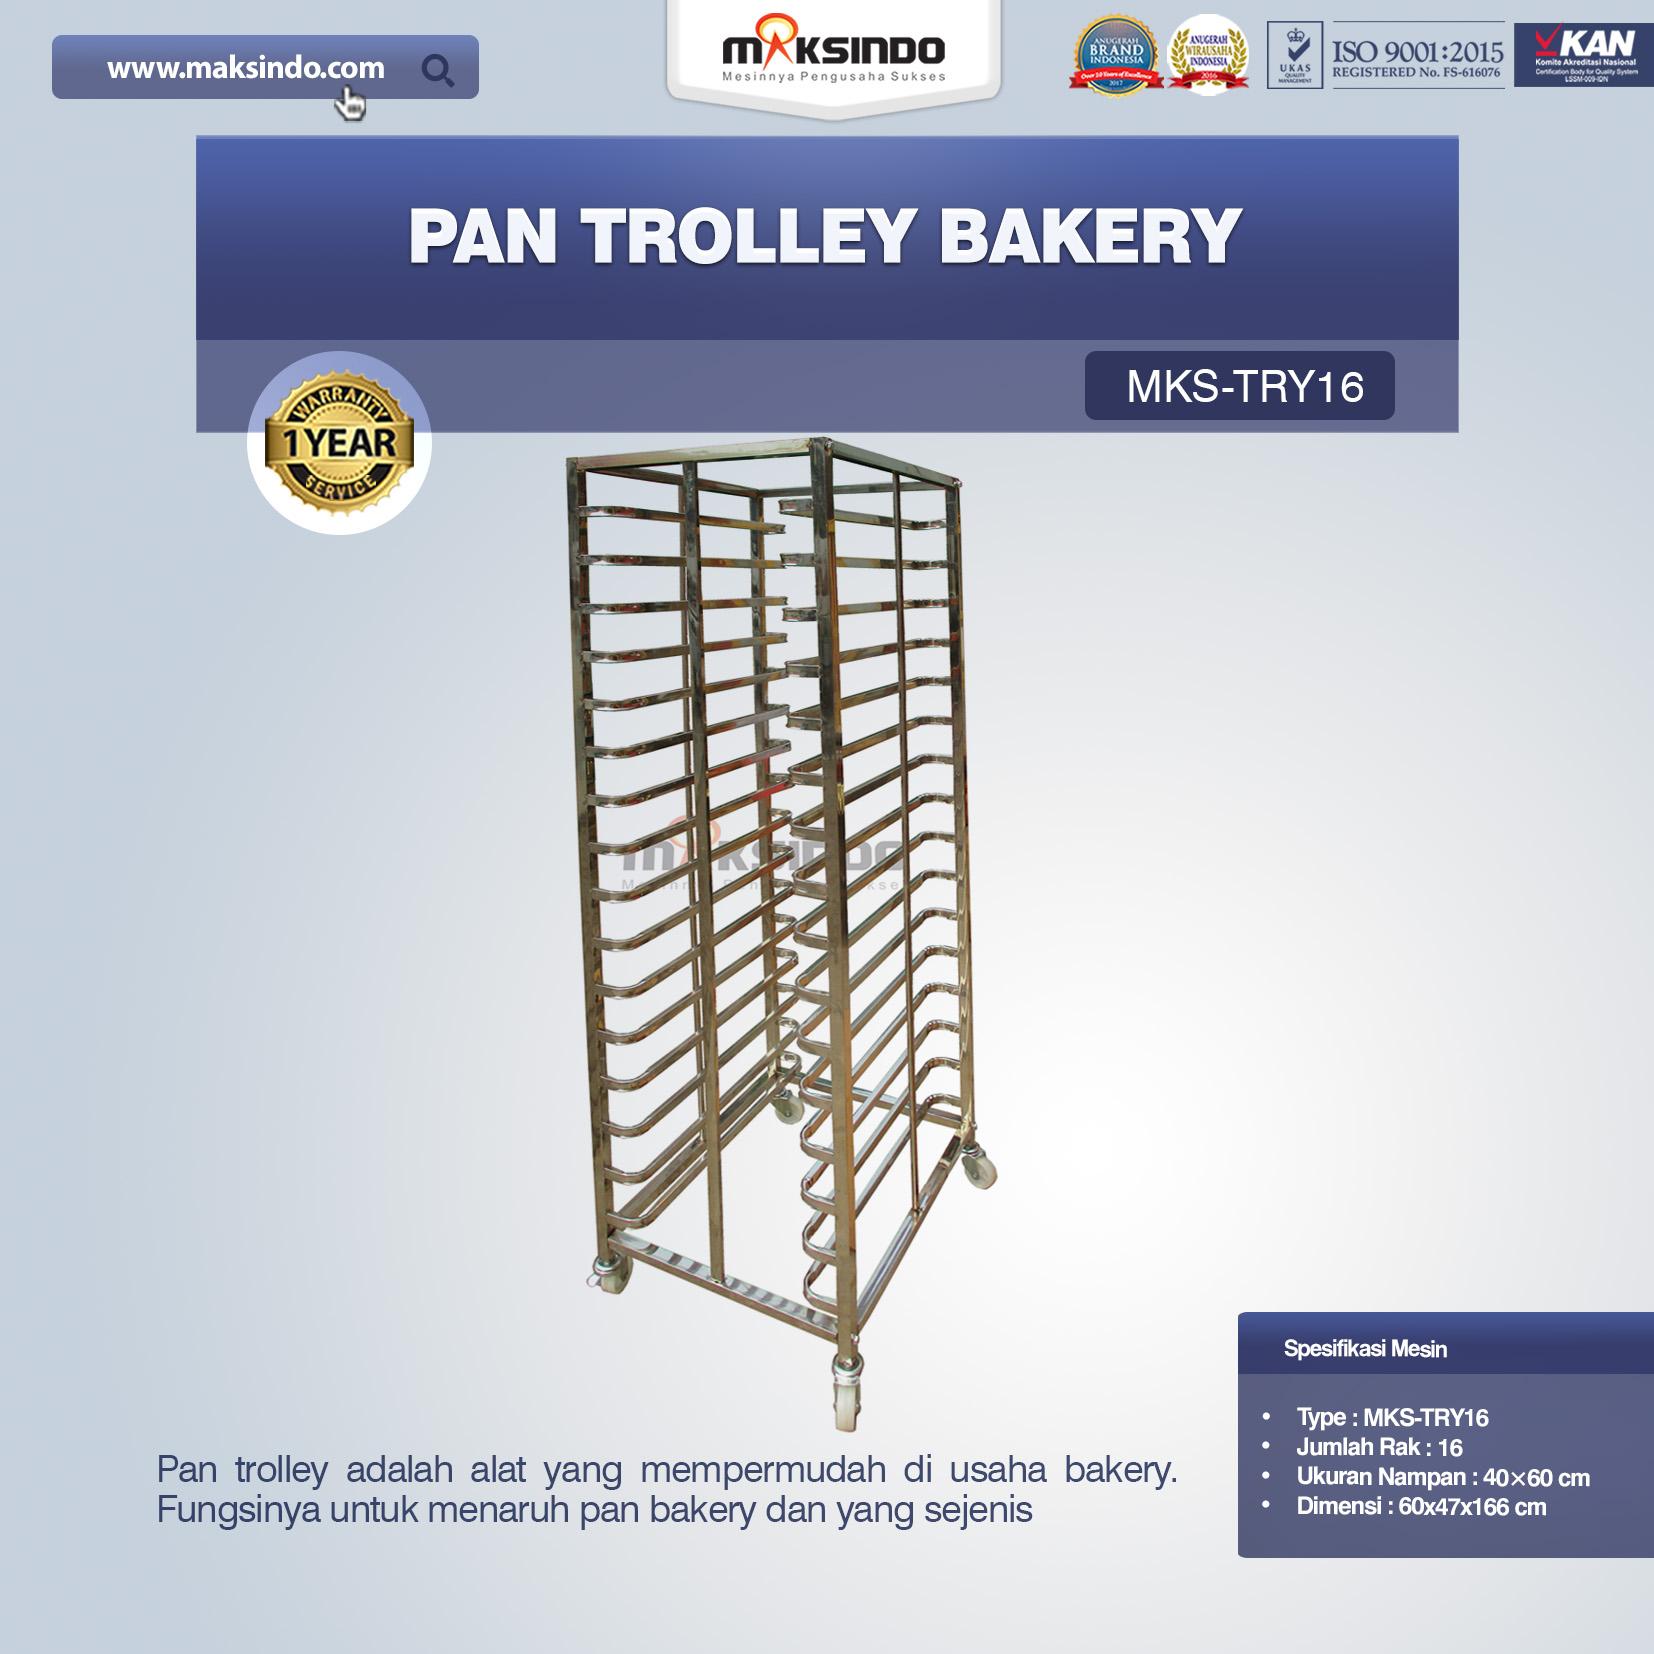 Jual Pan Trolley Bakery (MKS-TRY16) di Bekasi